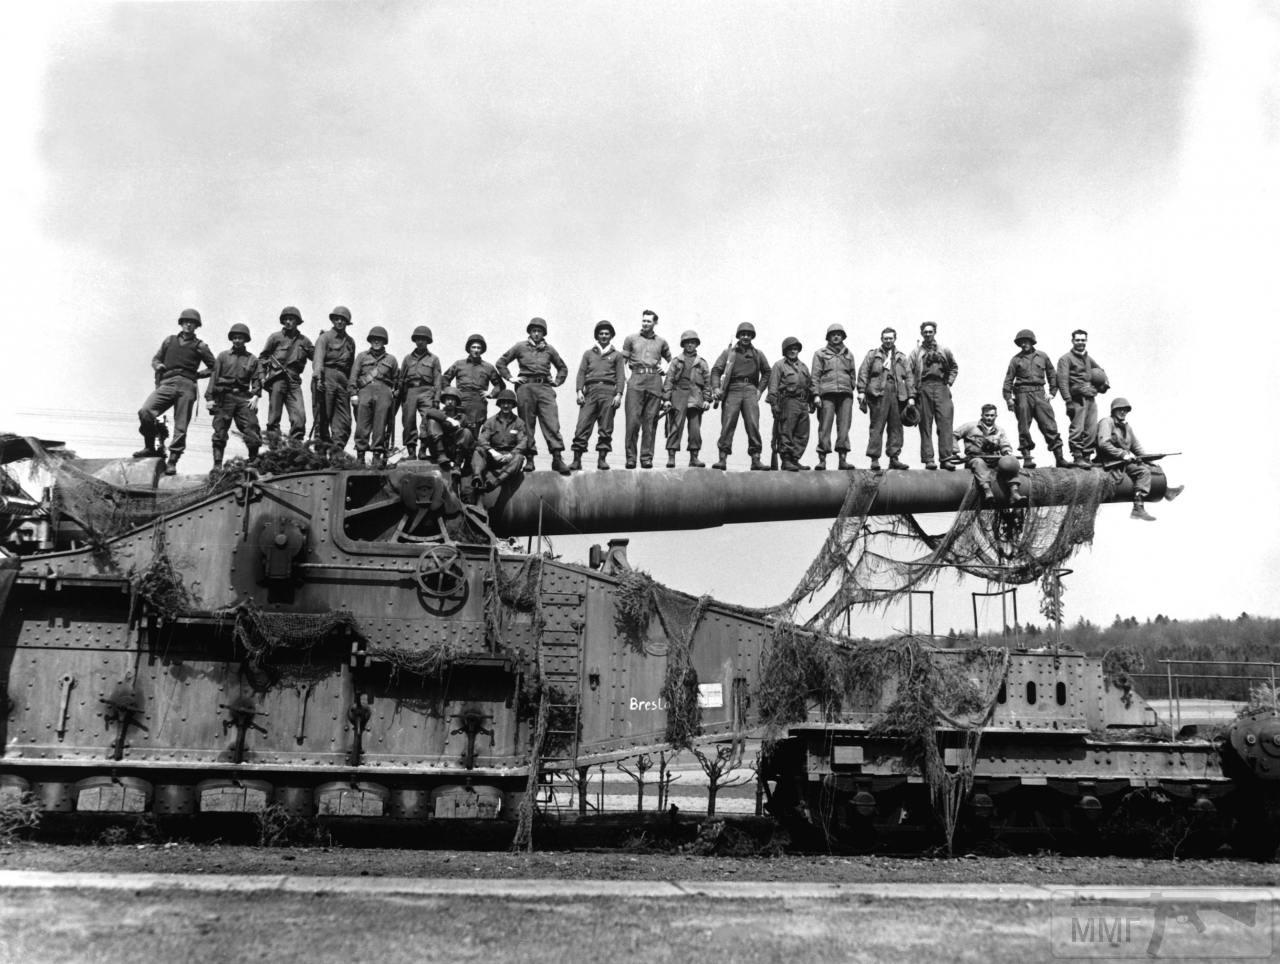 101045 - Военное фото 1939-1945 г.г. Западный фронт и Африка.